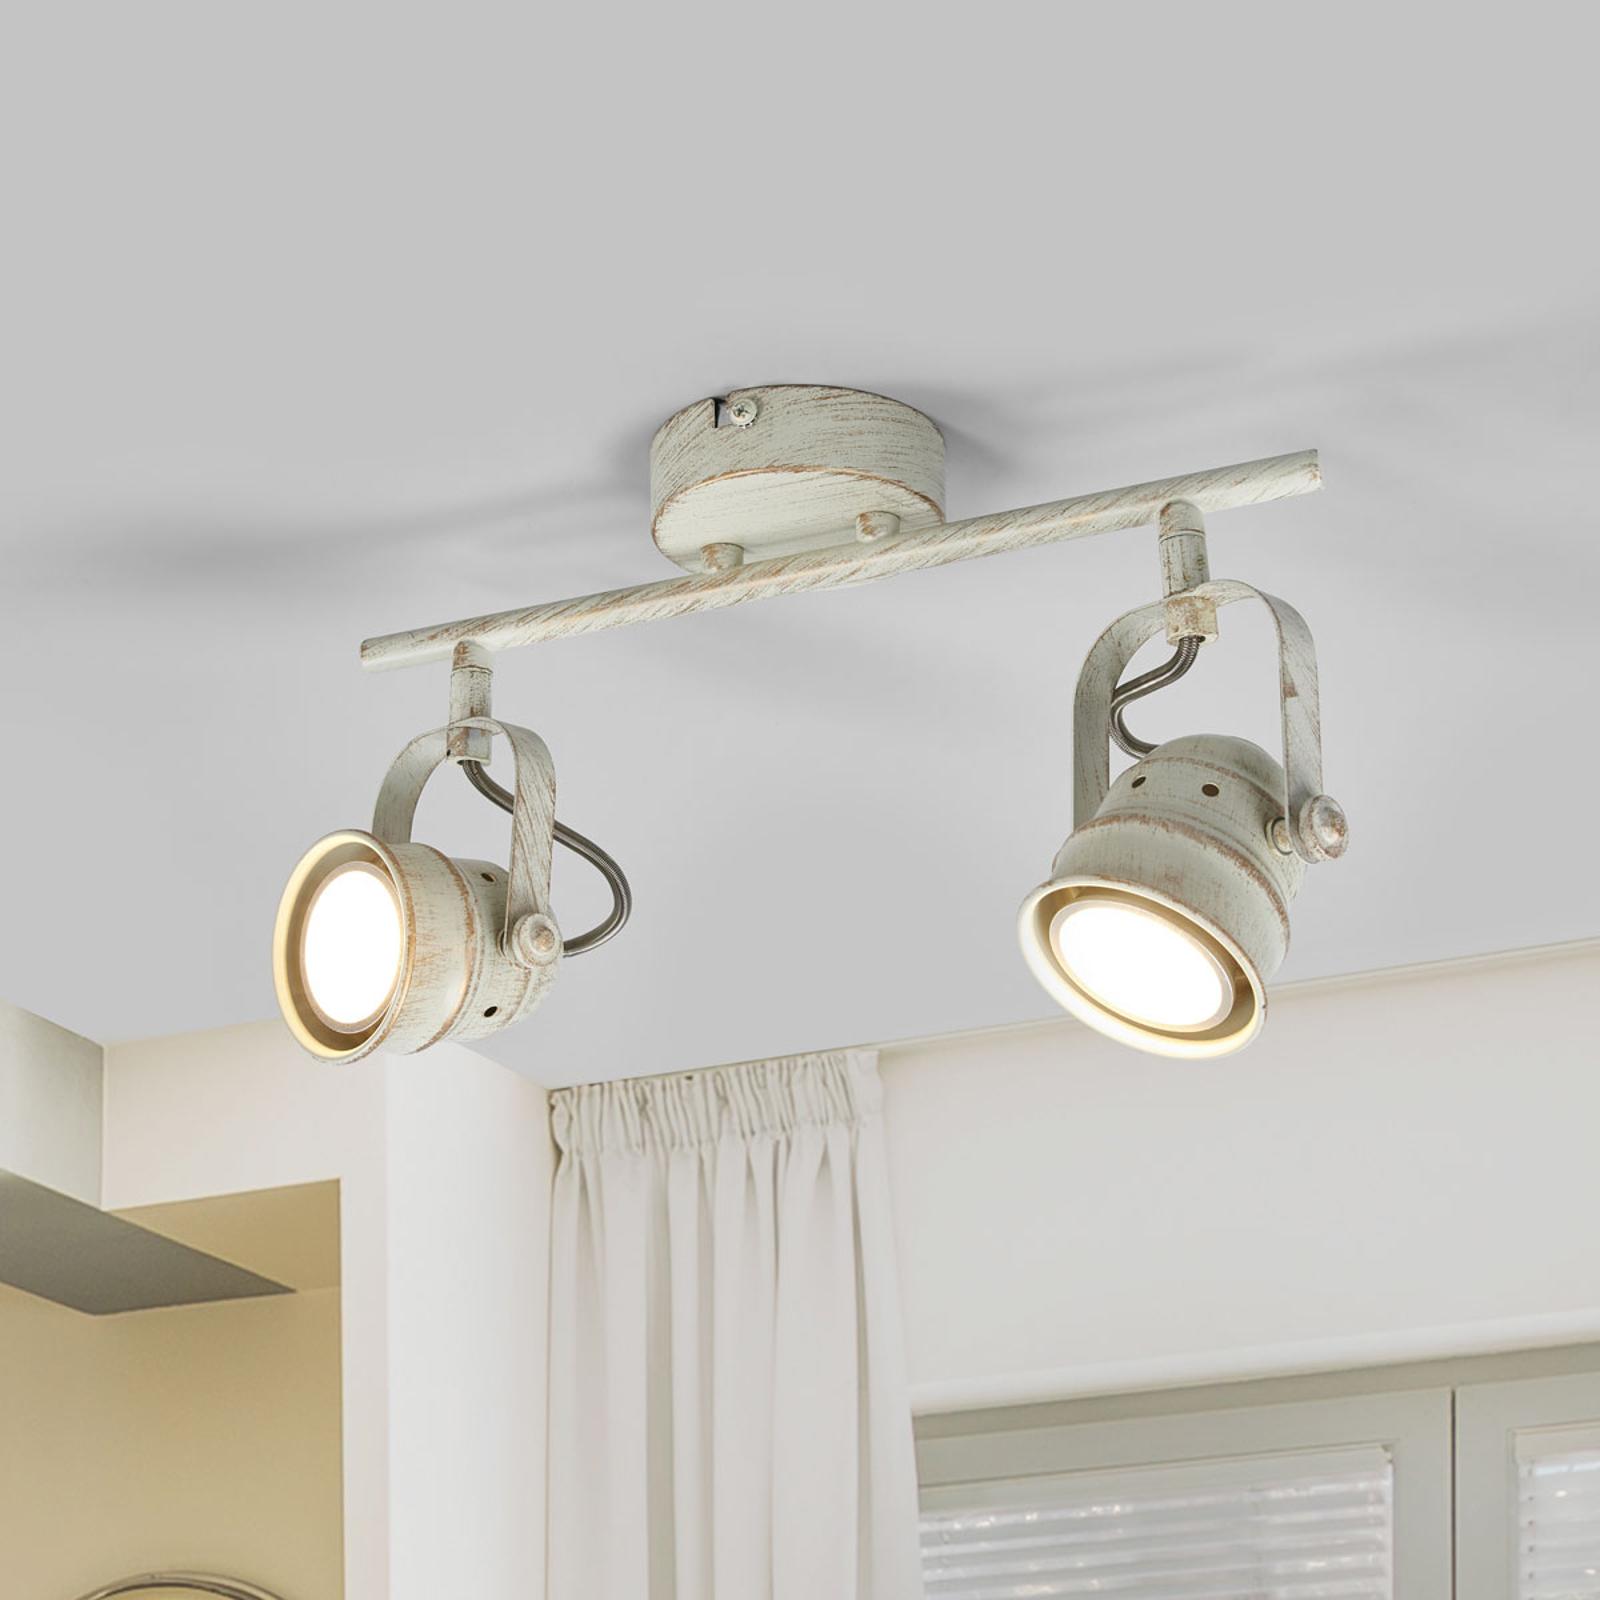 2-lamppuinen LED-kattolamppu Leonor, valkoinen